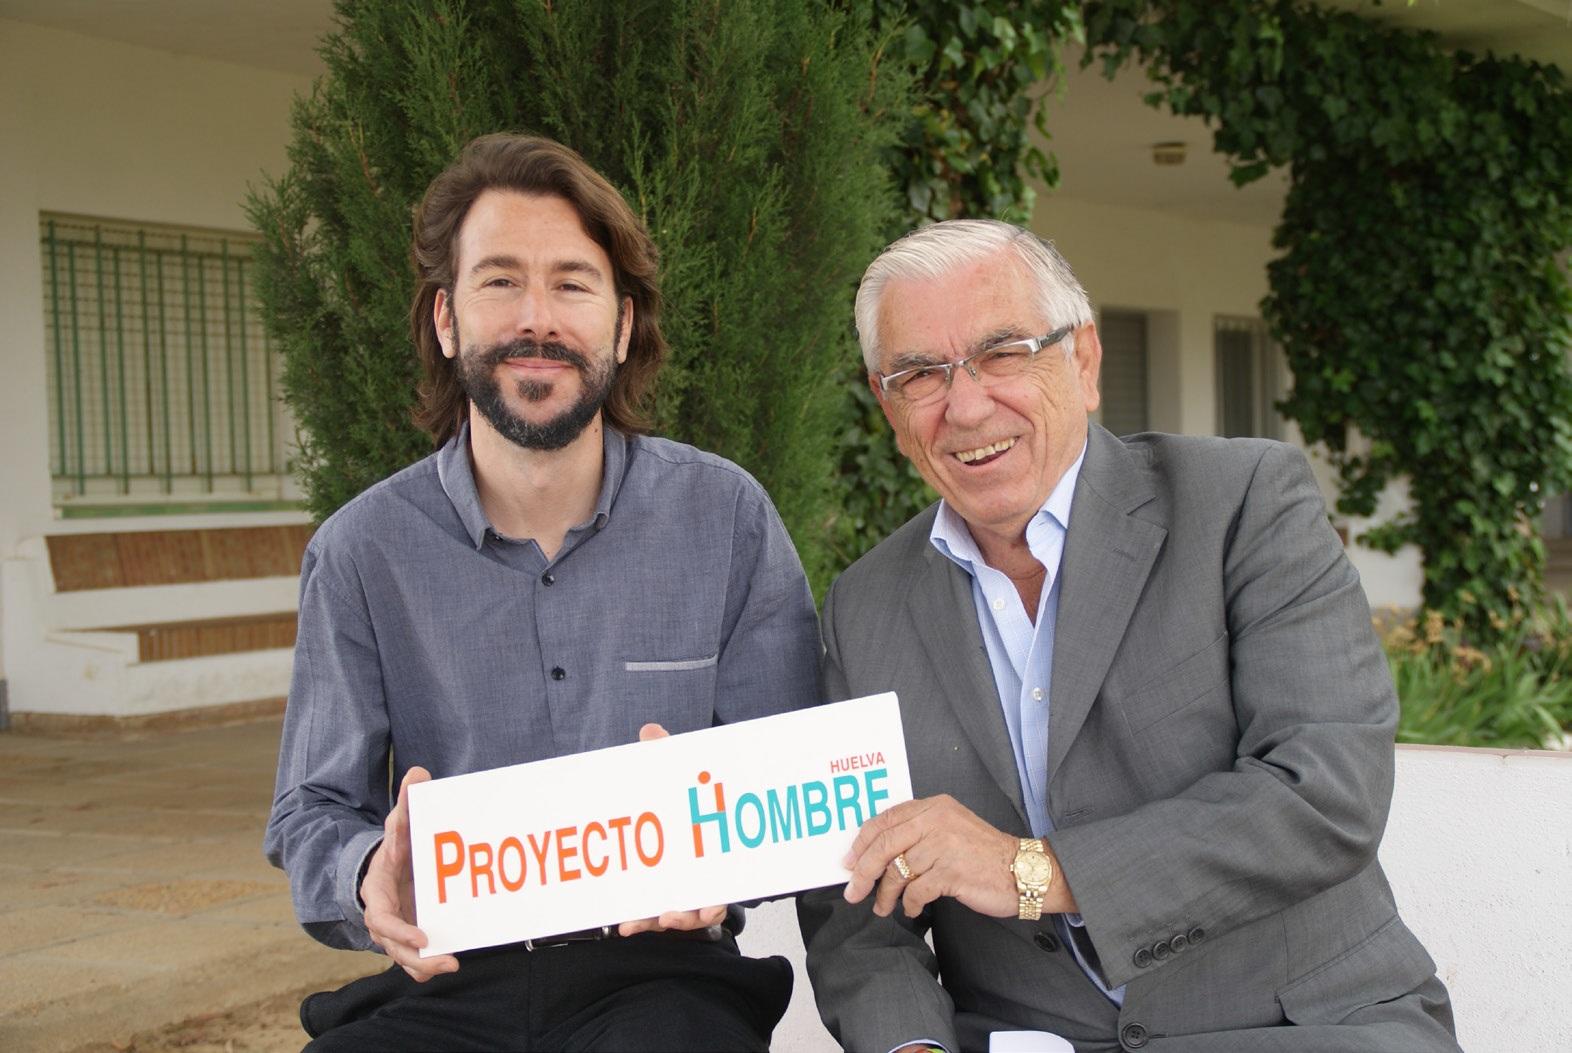 El director de Proyecto Hombre Huelva y el presidente de la Fundación CES Huelva.